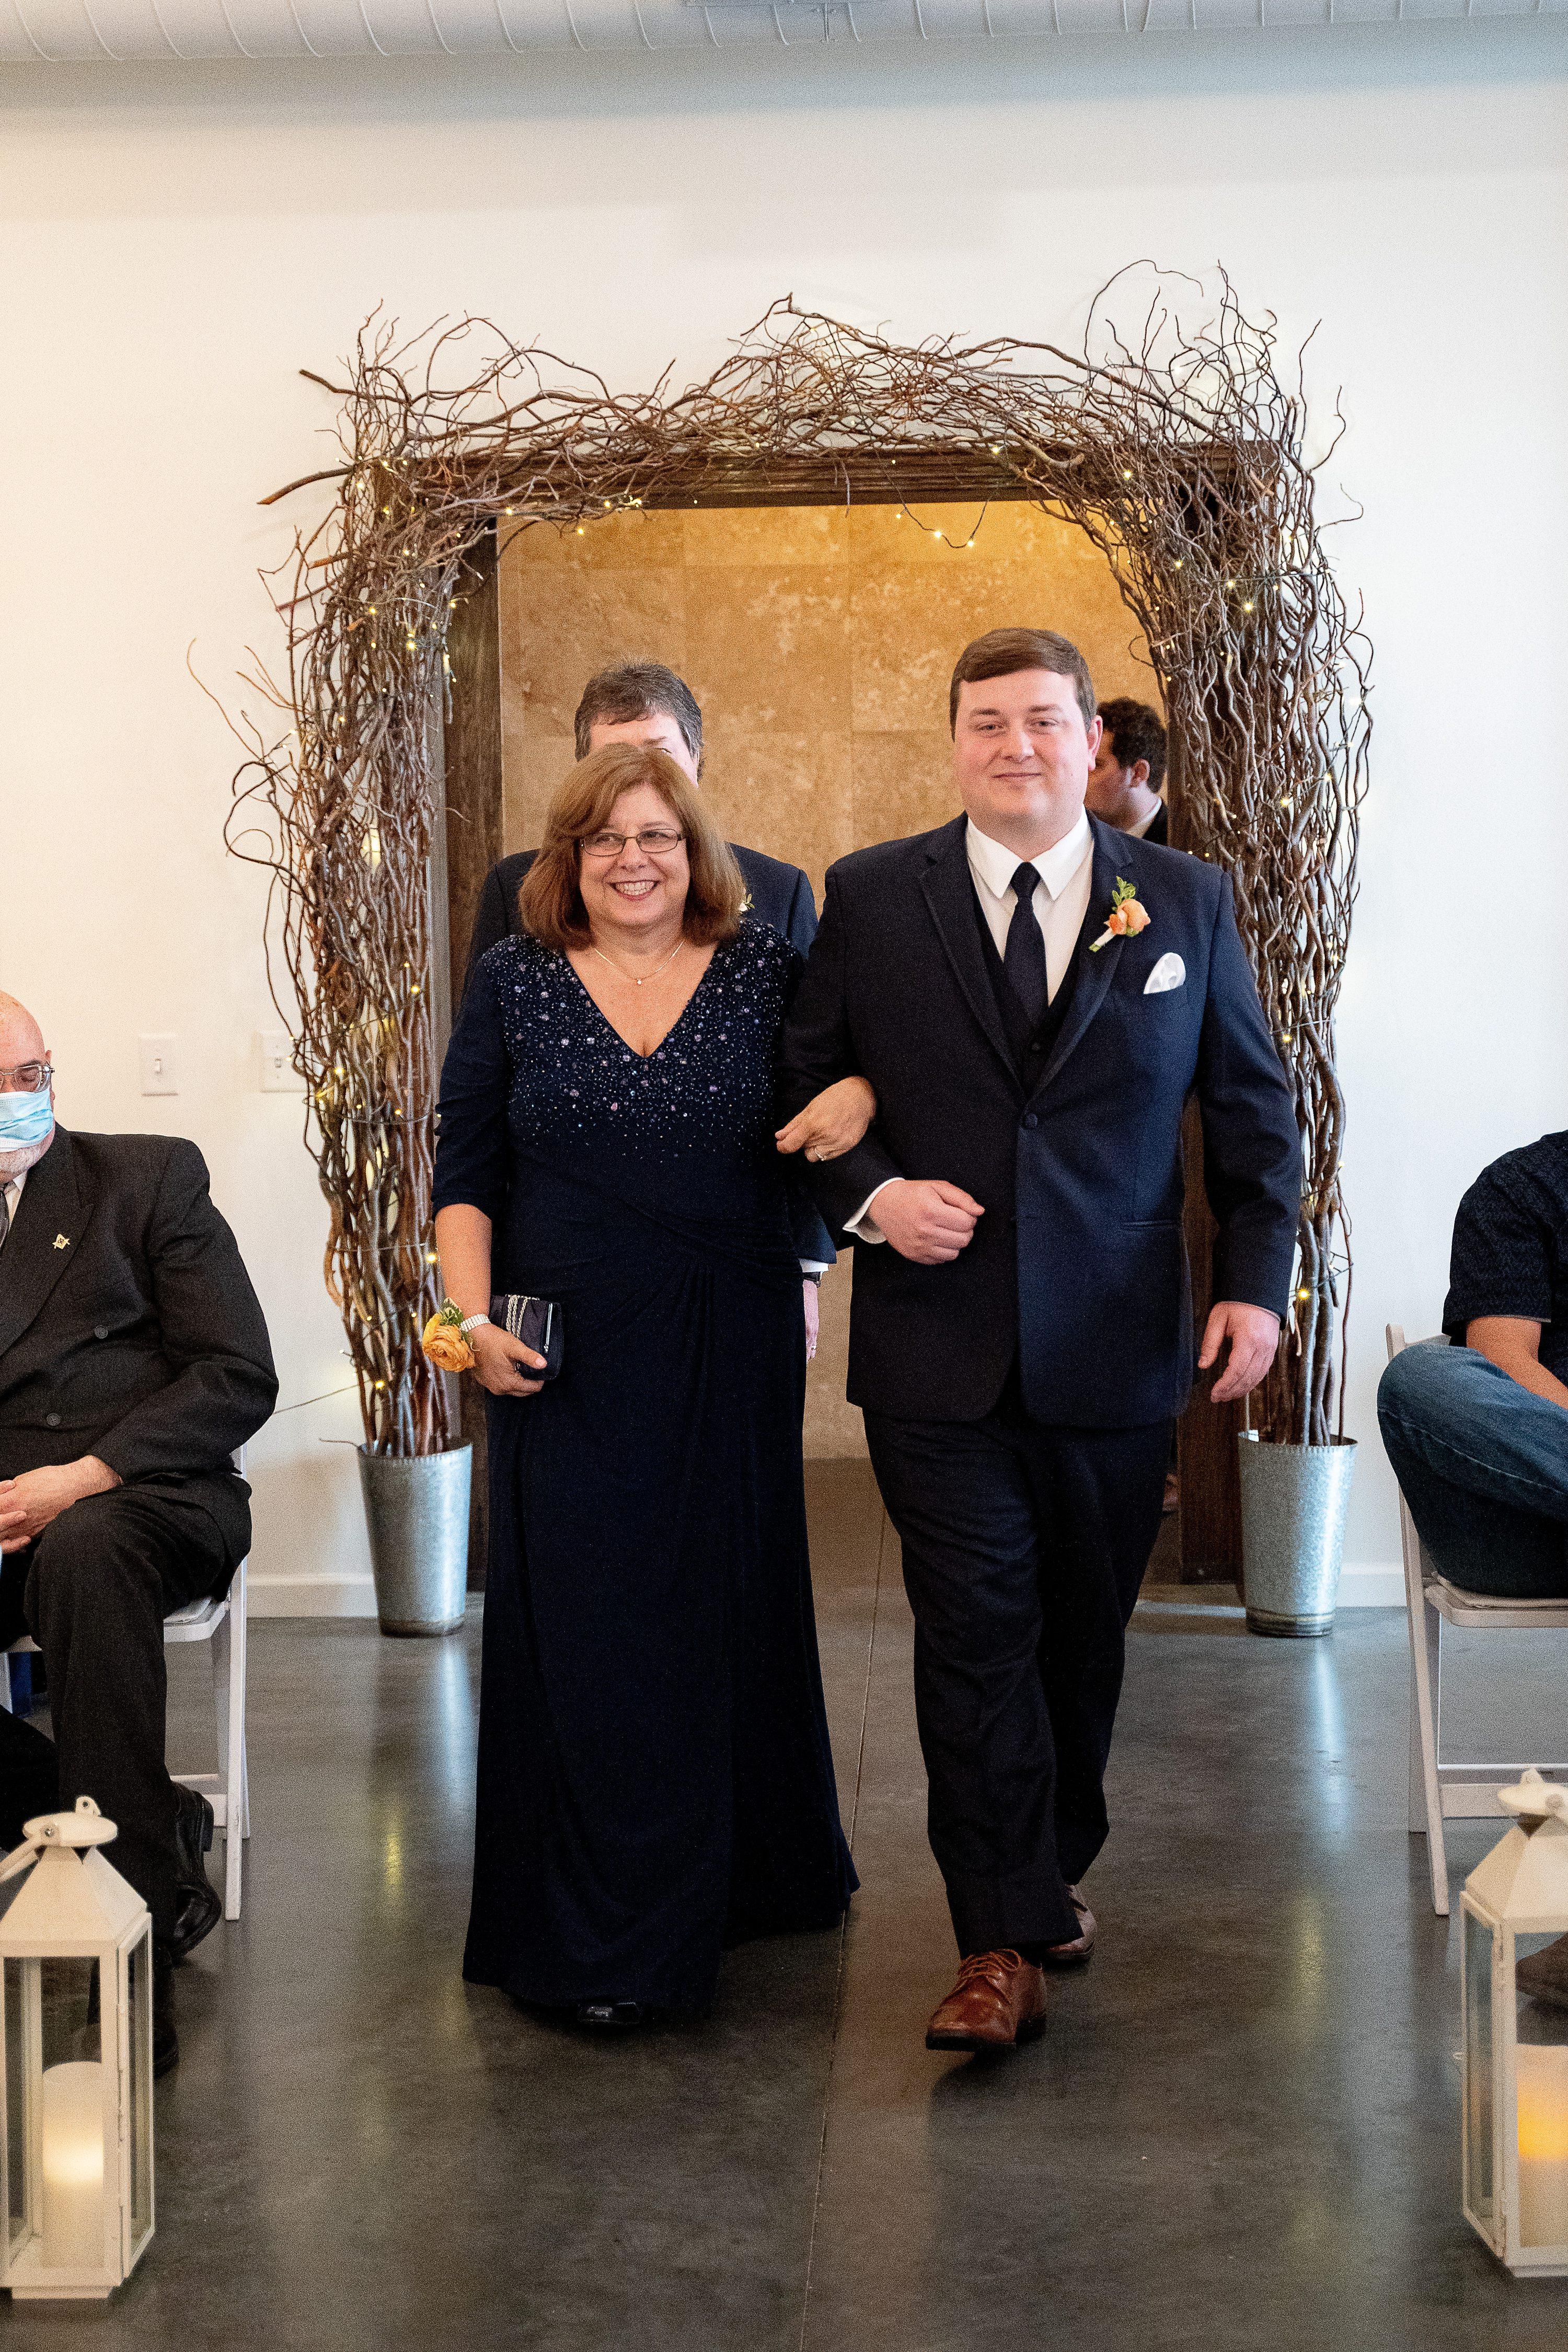 Wedding Photography,Studio PBJ Photography